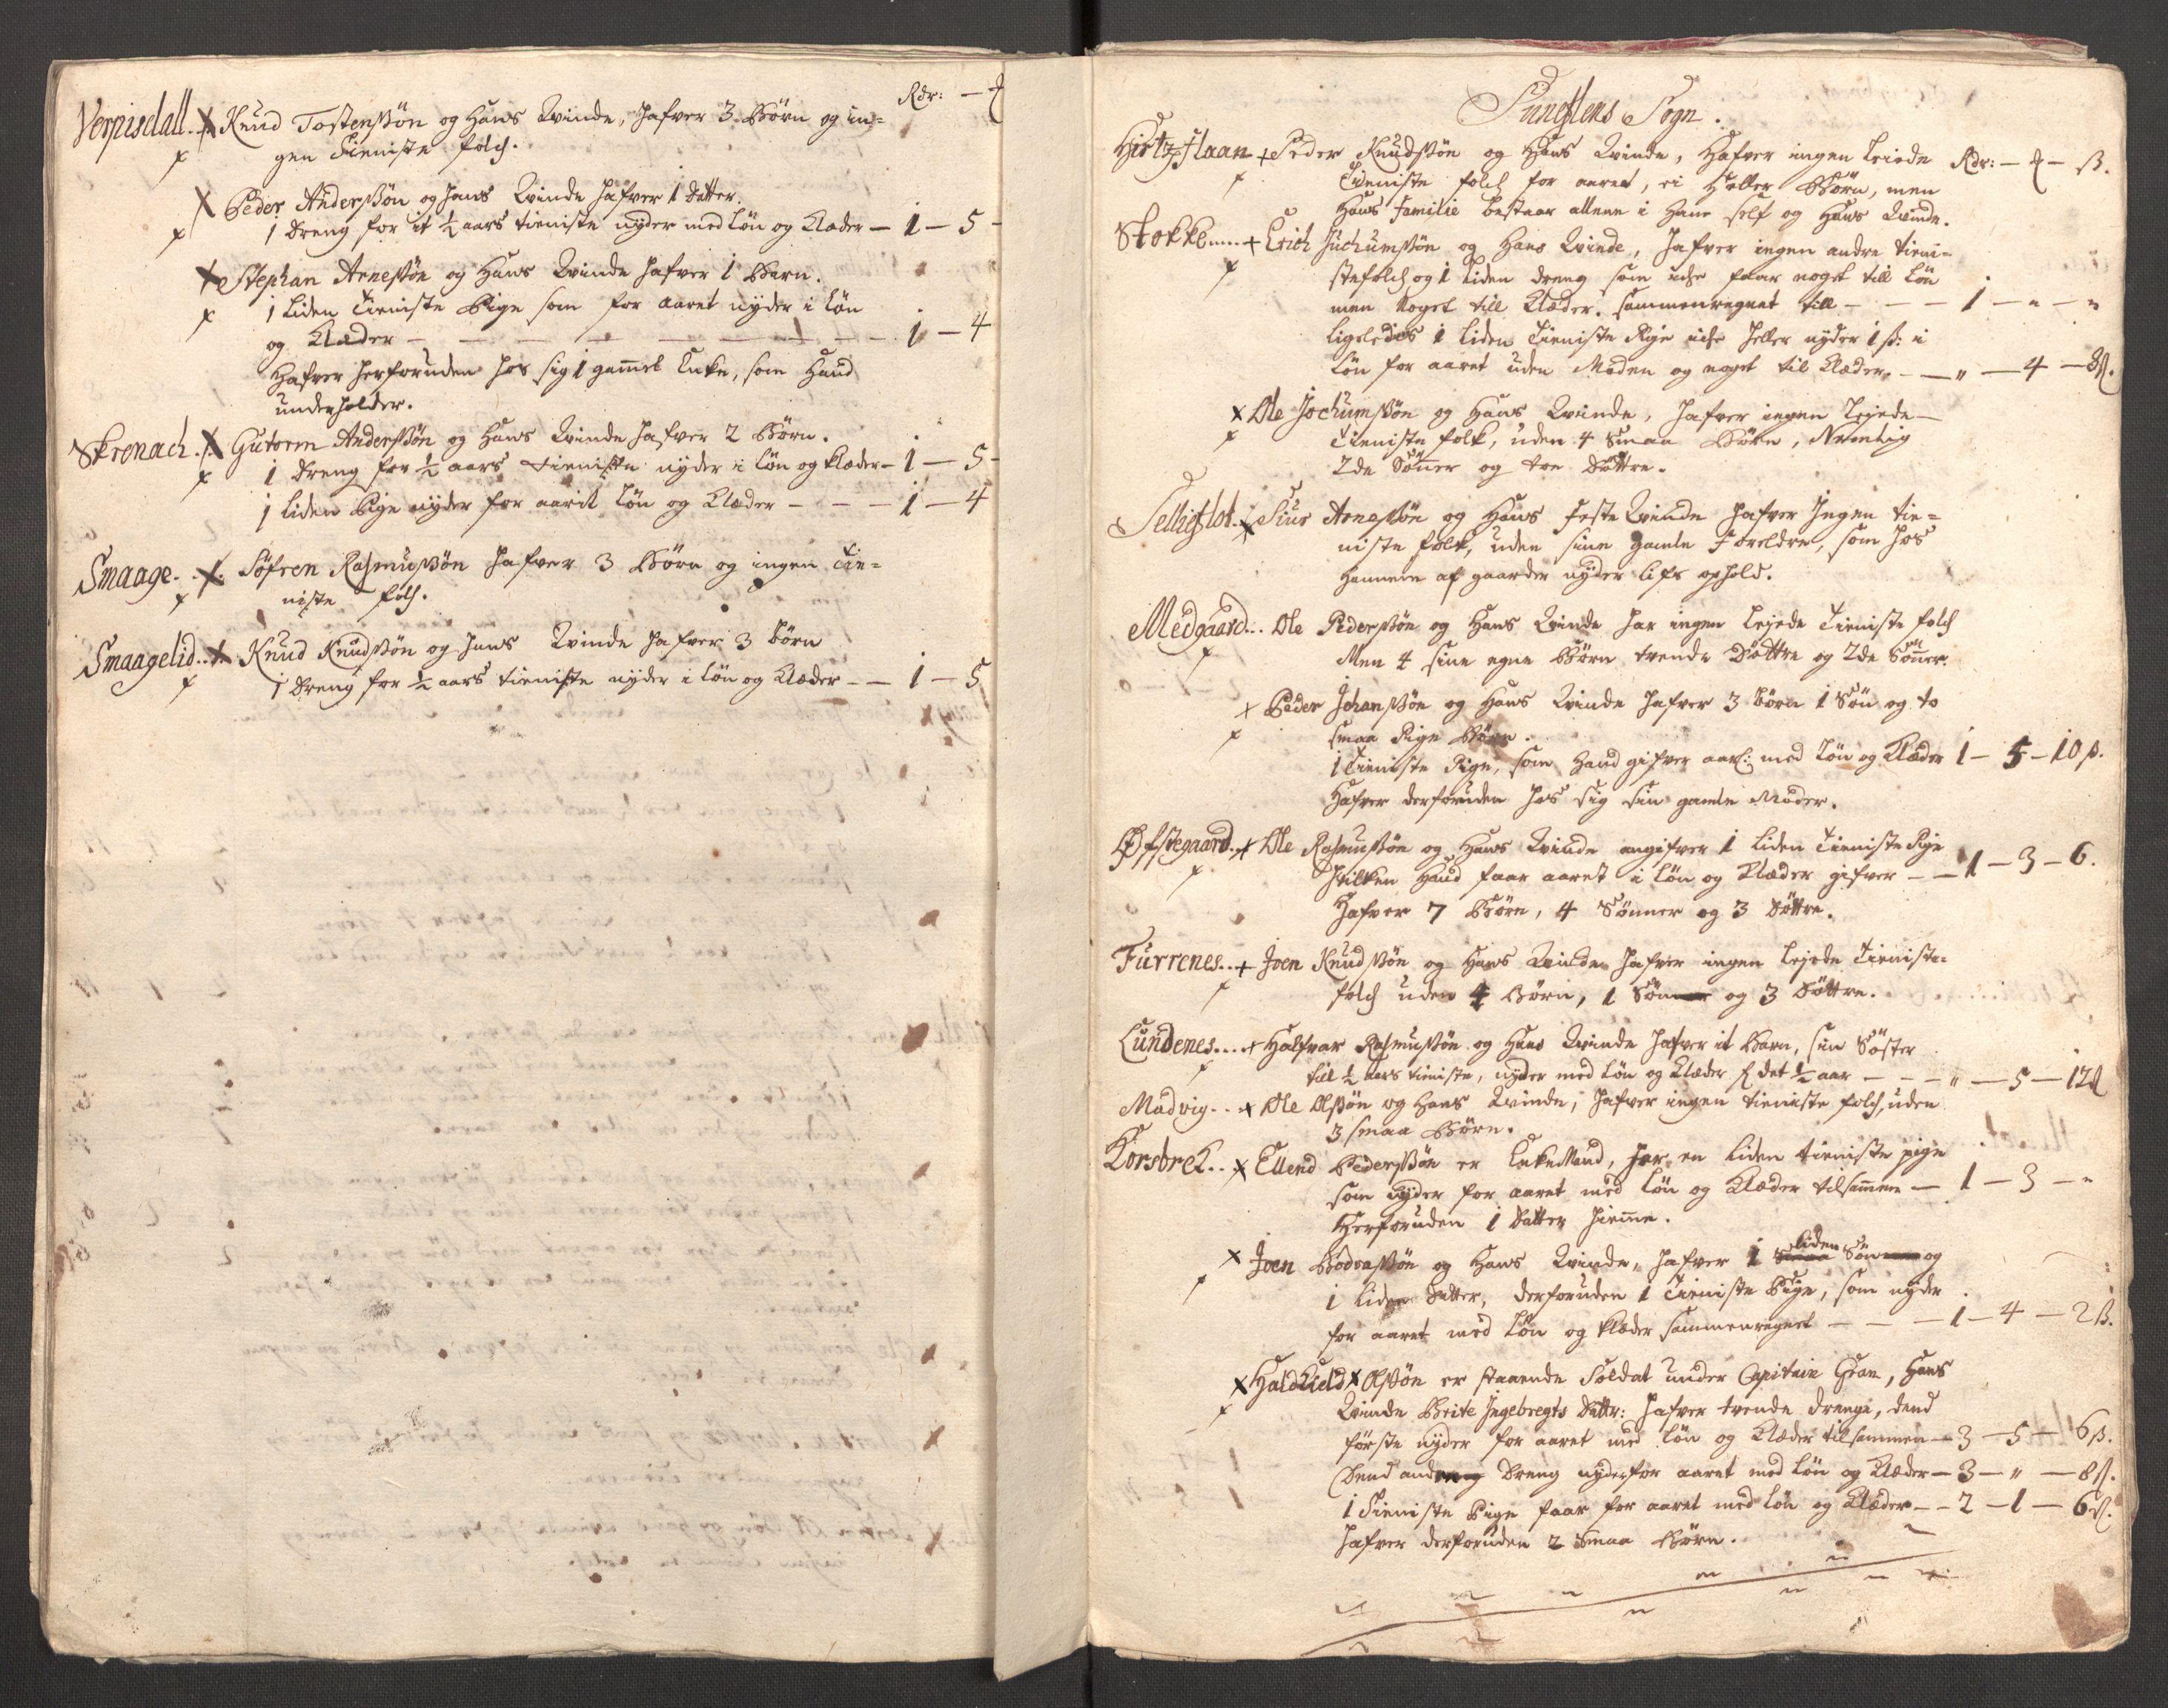 RA, Rentekammeret inntil 1814, Reviderte regnskaper, Fogderegnskap, R54/L3564: Fogderegnskap Sunnmøre, 1711, s. 306